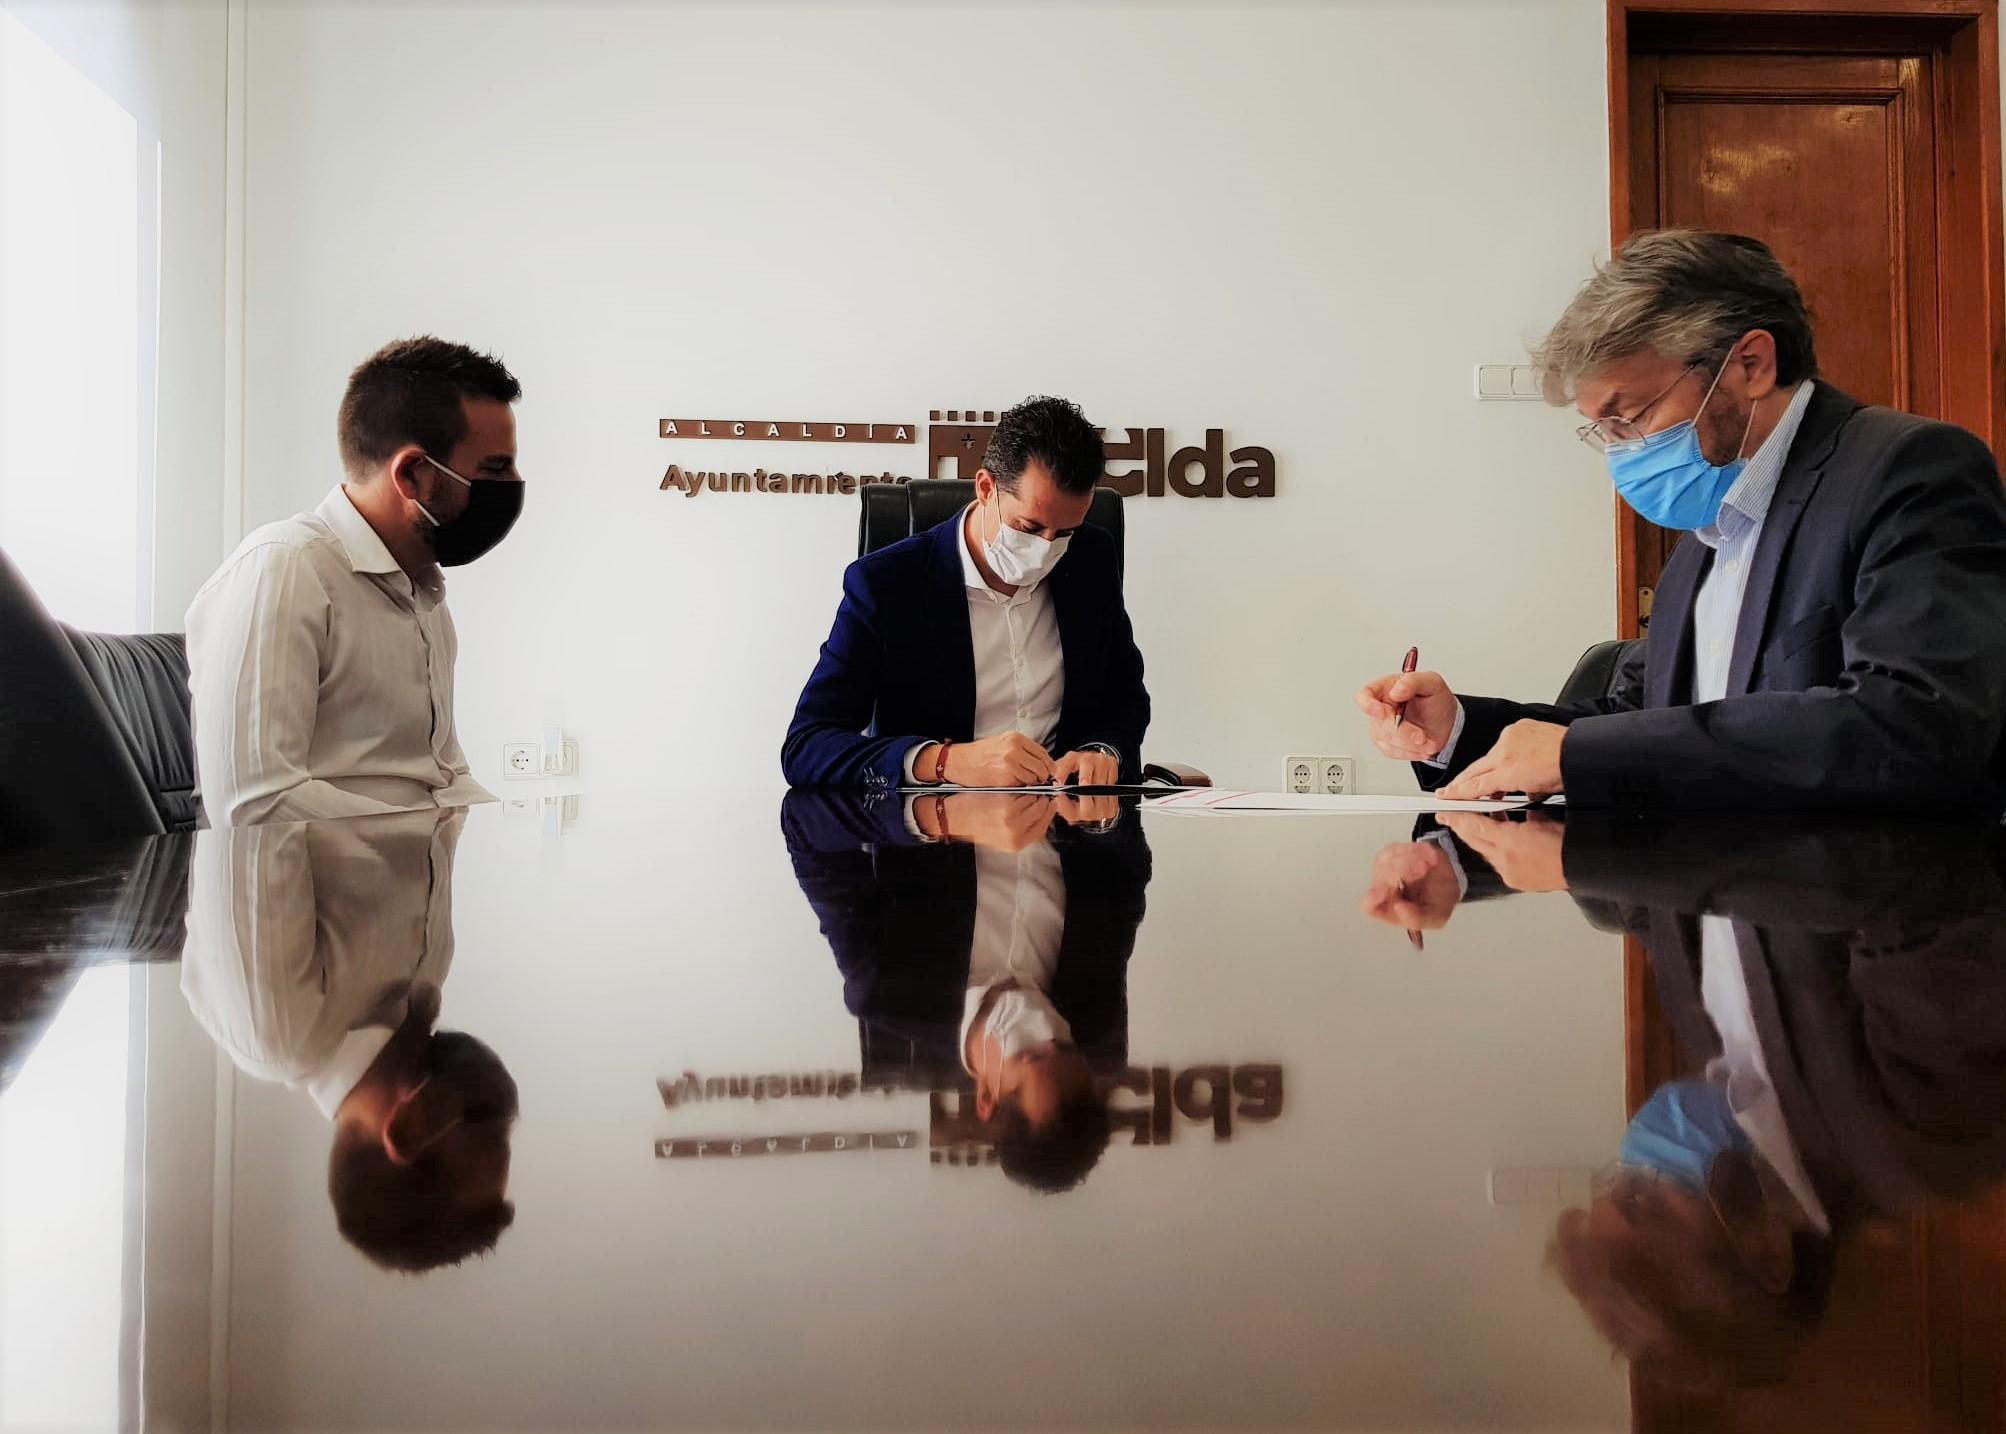 El Ayuntamiento de Elda firma la renovación del convenio de colaboración con el Centro Excursionista Eldense